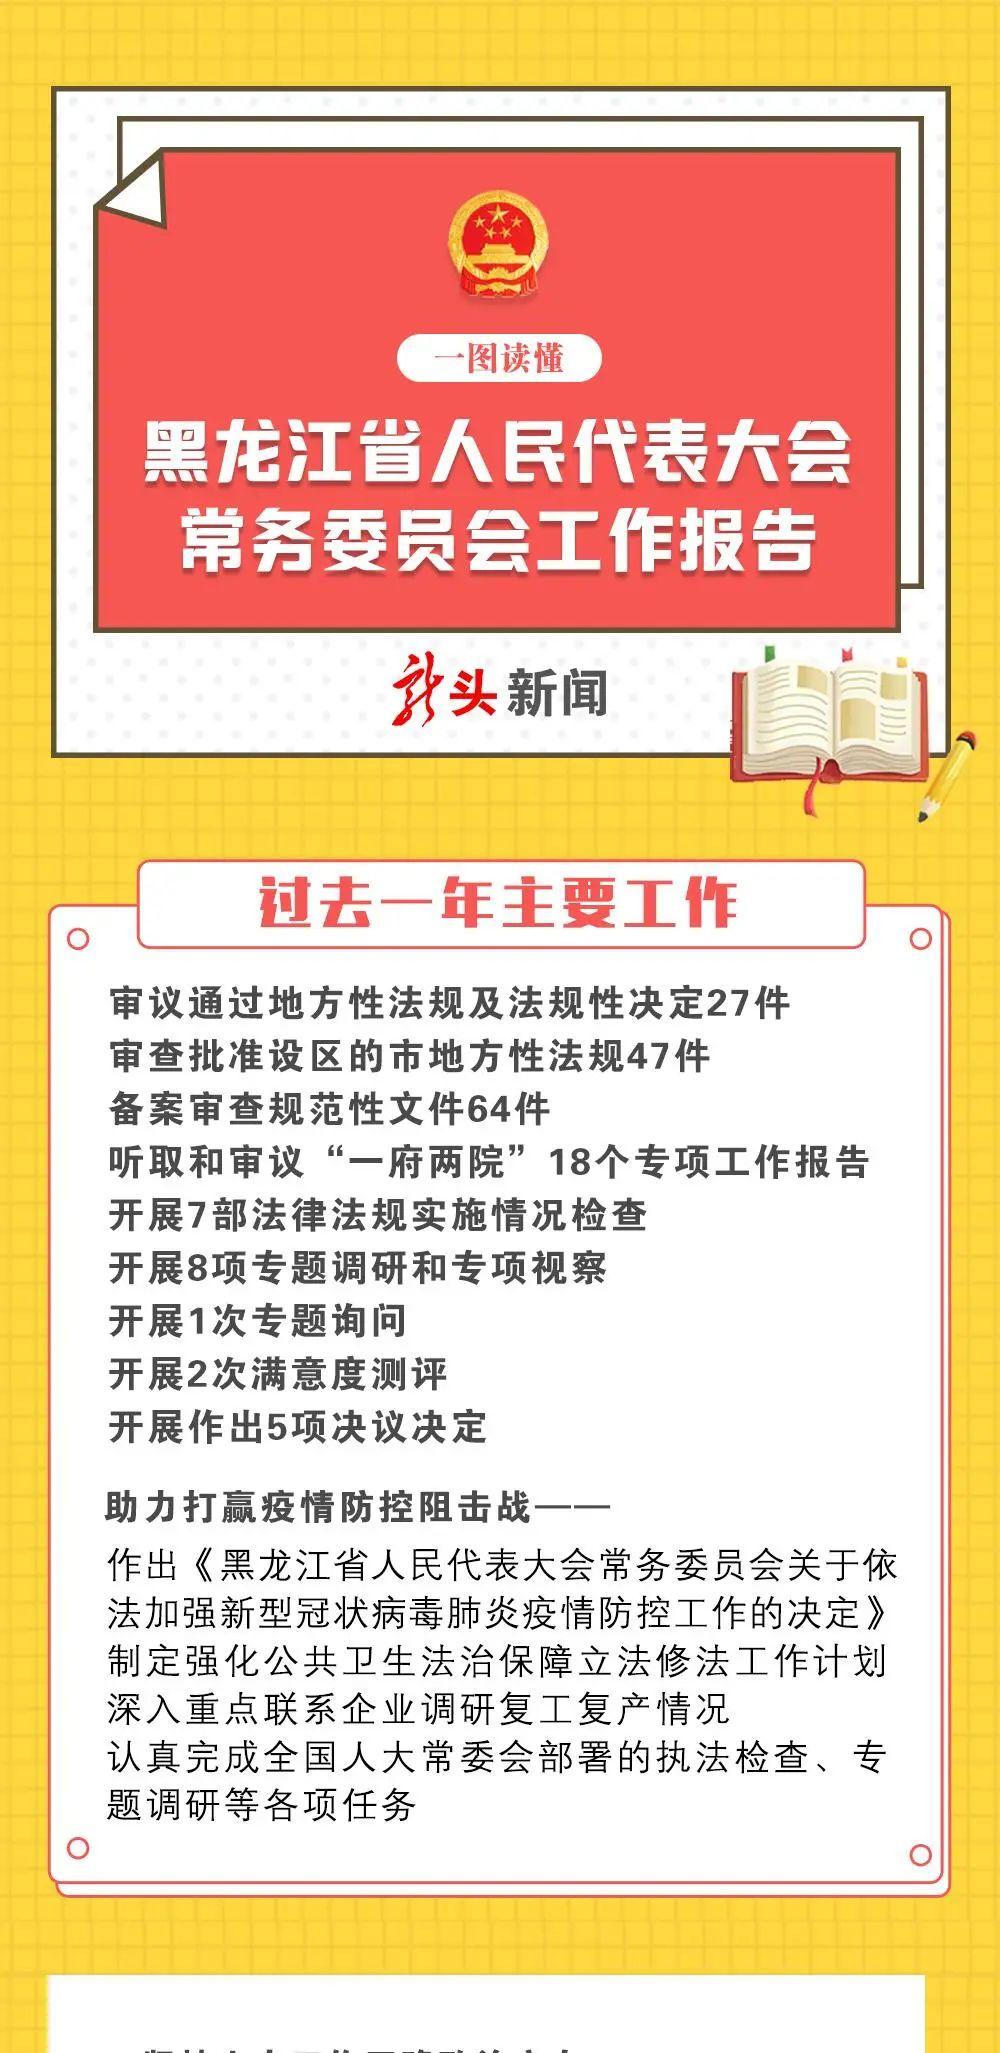 一图读懂丨黑龙江省人民代表大会常务委员会工作报告图片